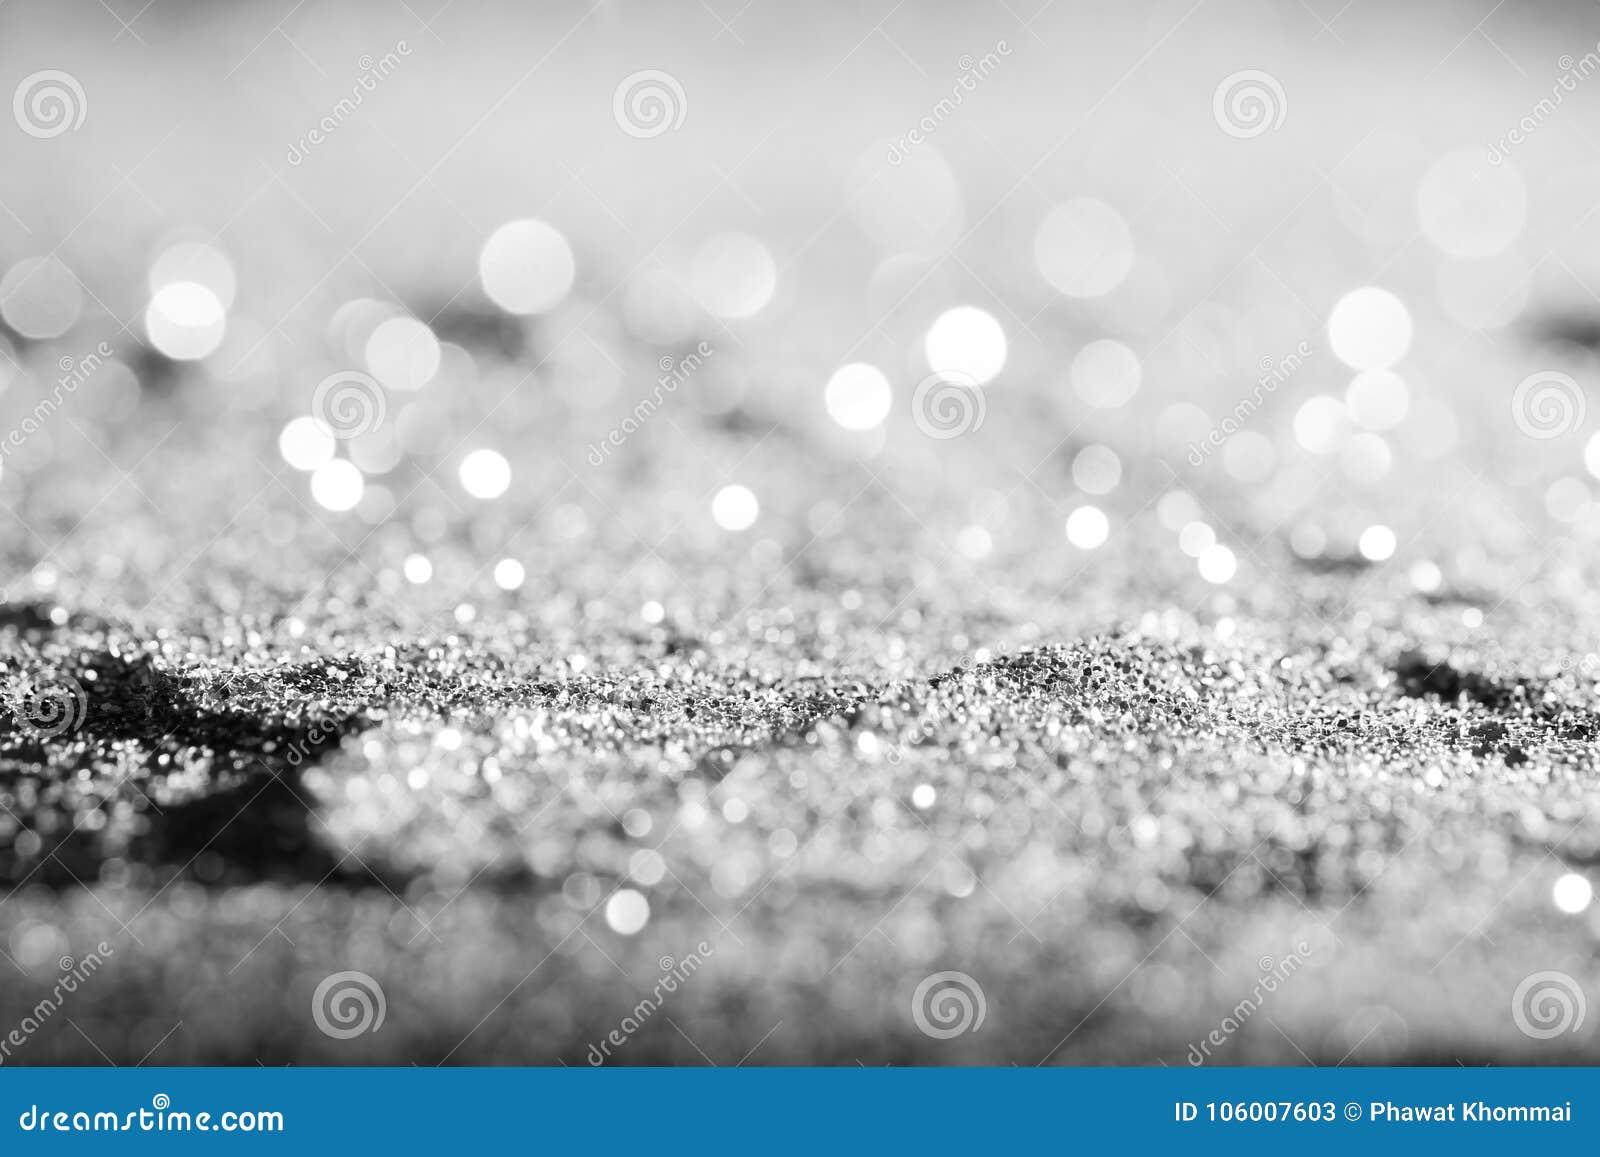 Abstraktes Hintergrund Funkelnsilber oder Weißgold oder Platin